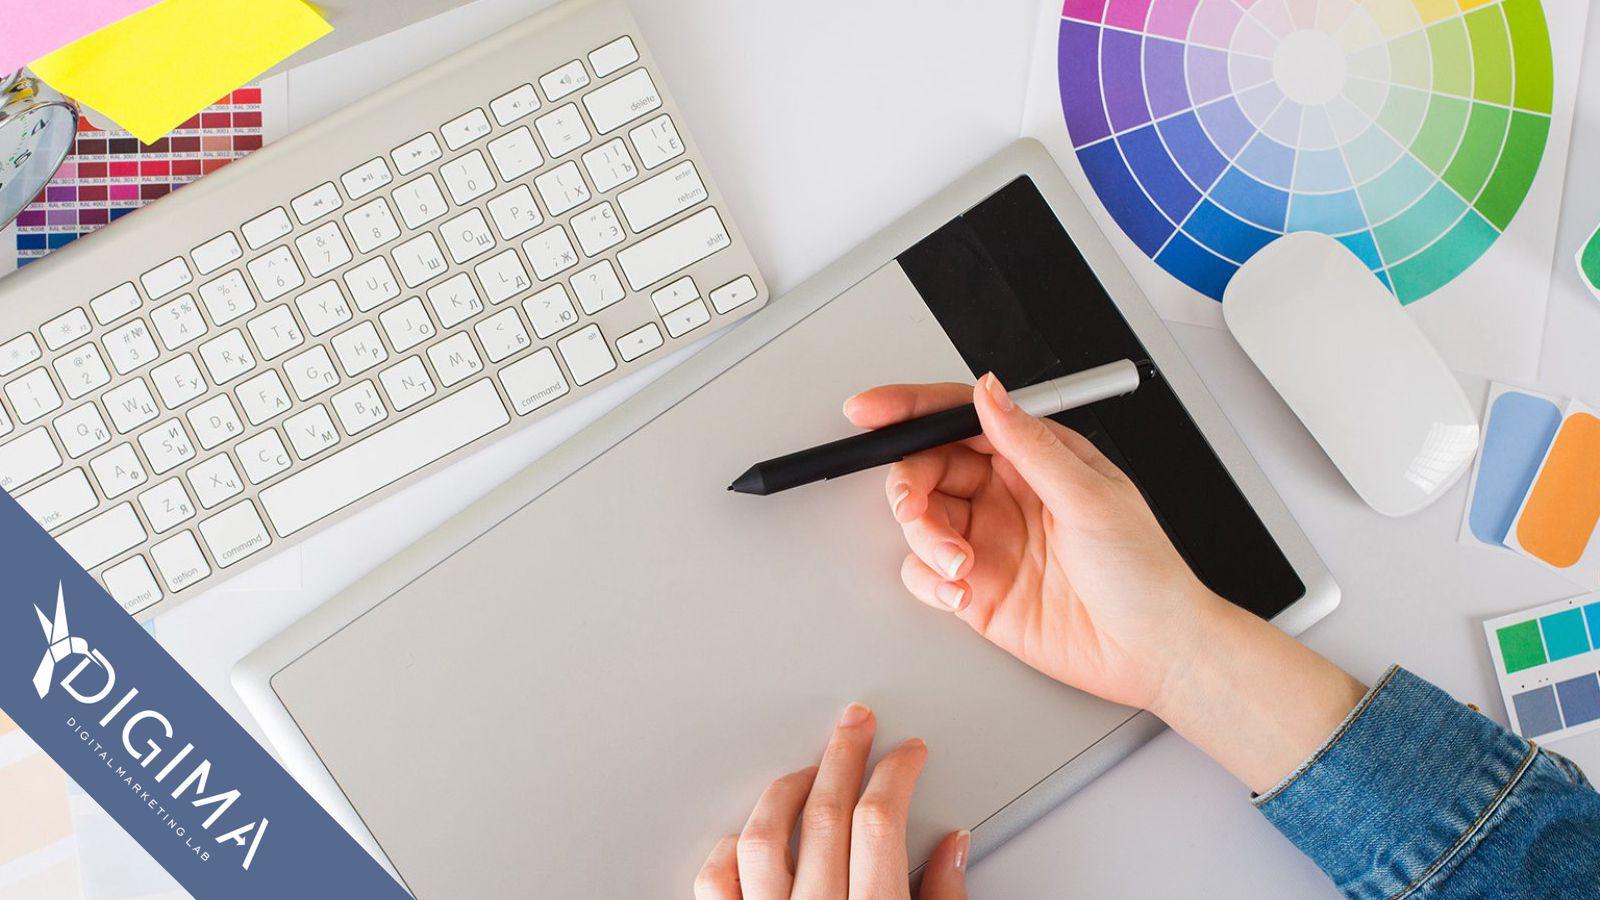 L'importanza della progettazione grafica nel marketing digitale